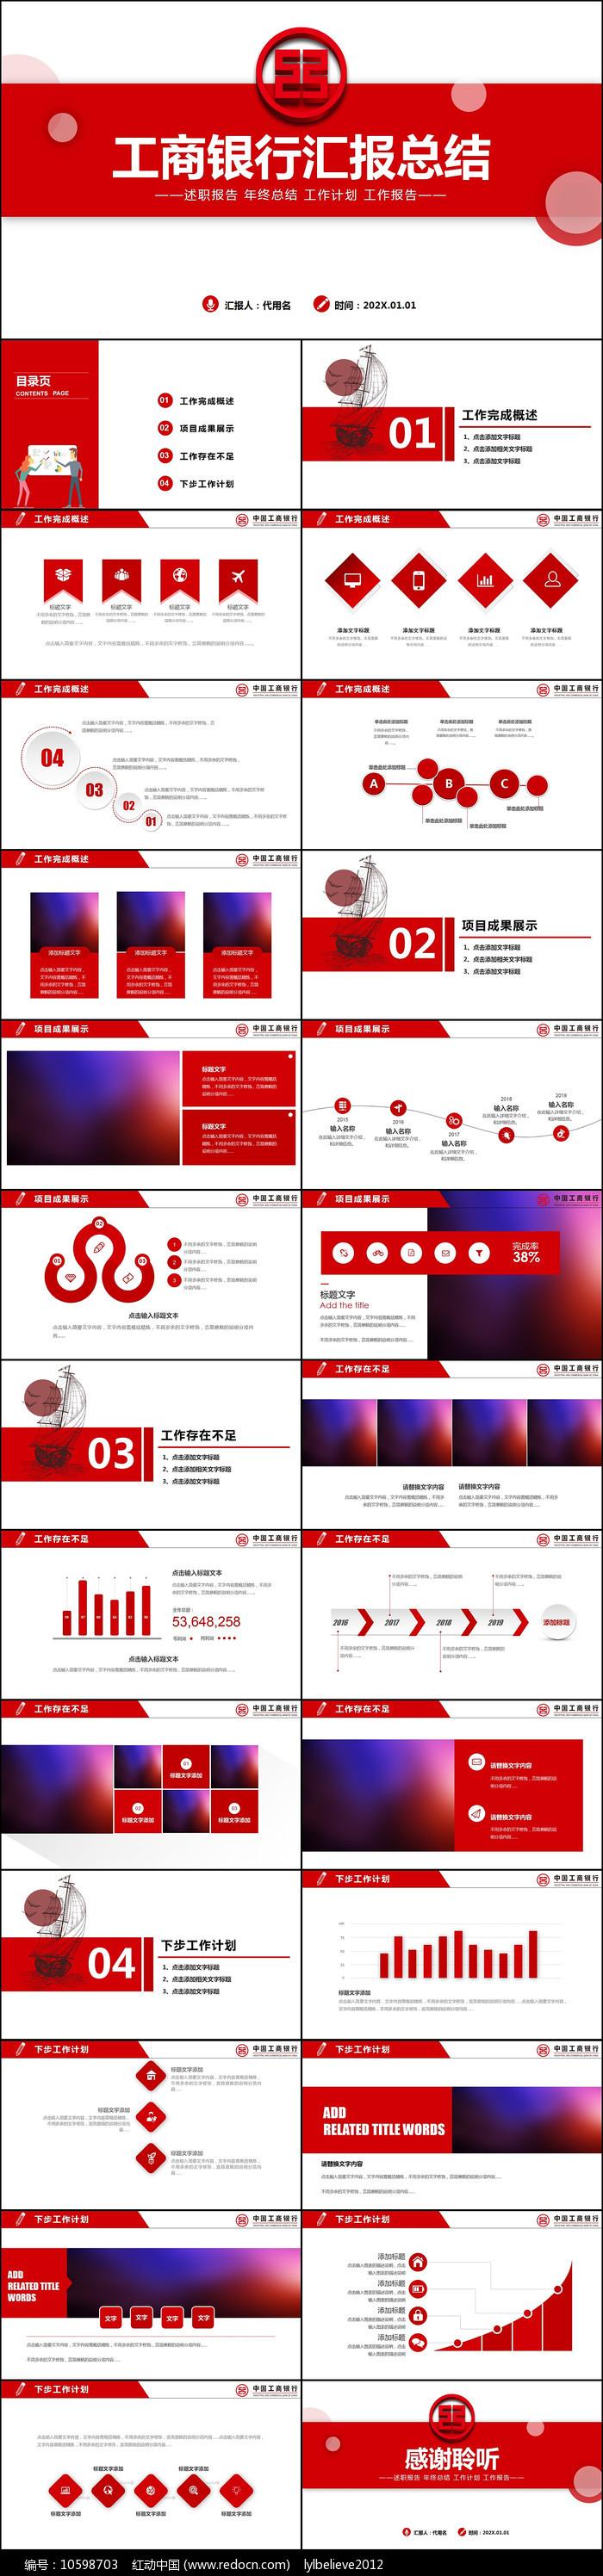 中国工商银行工行理财年中总结ppt模板图片